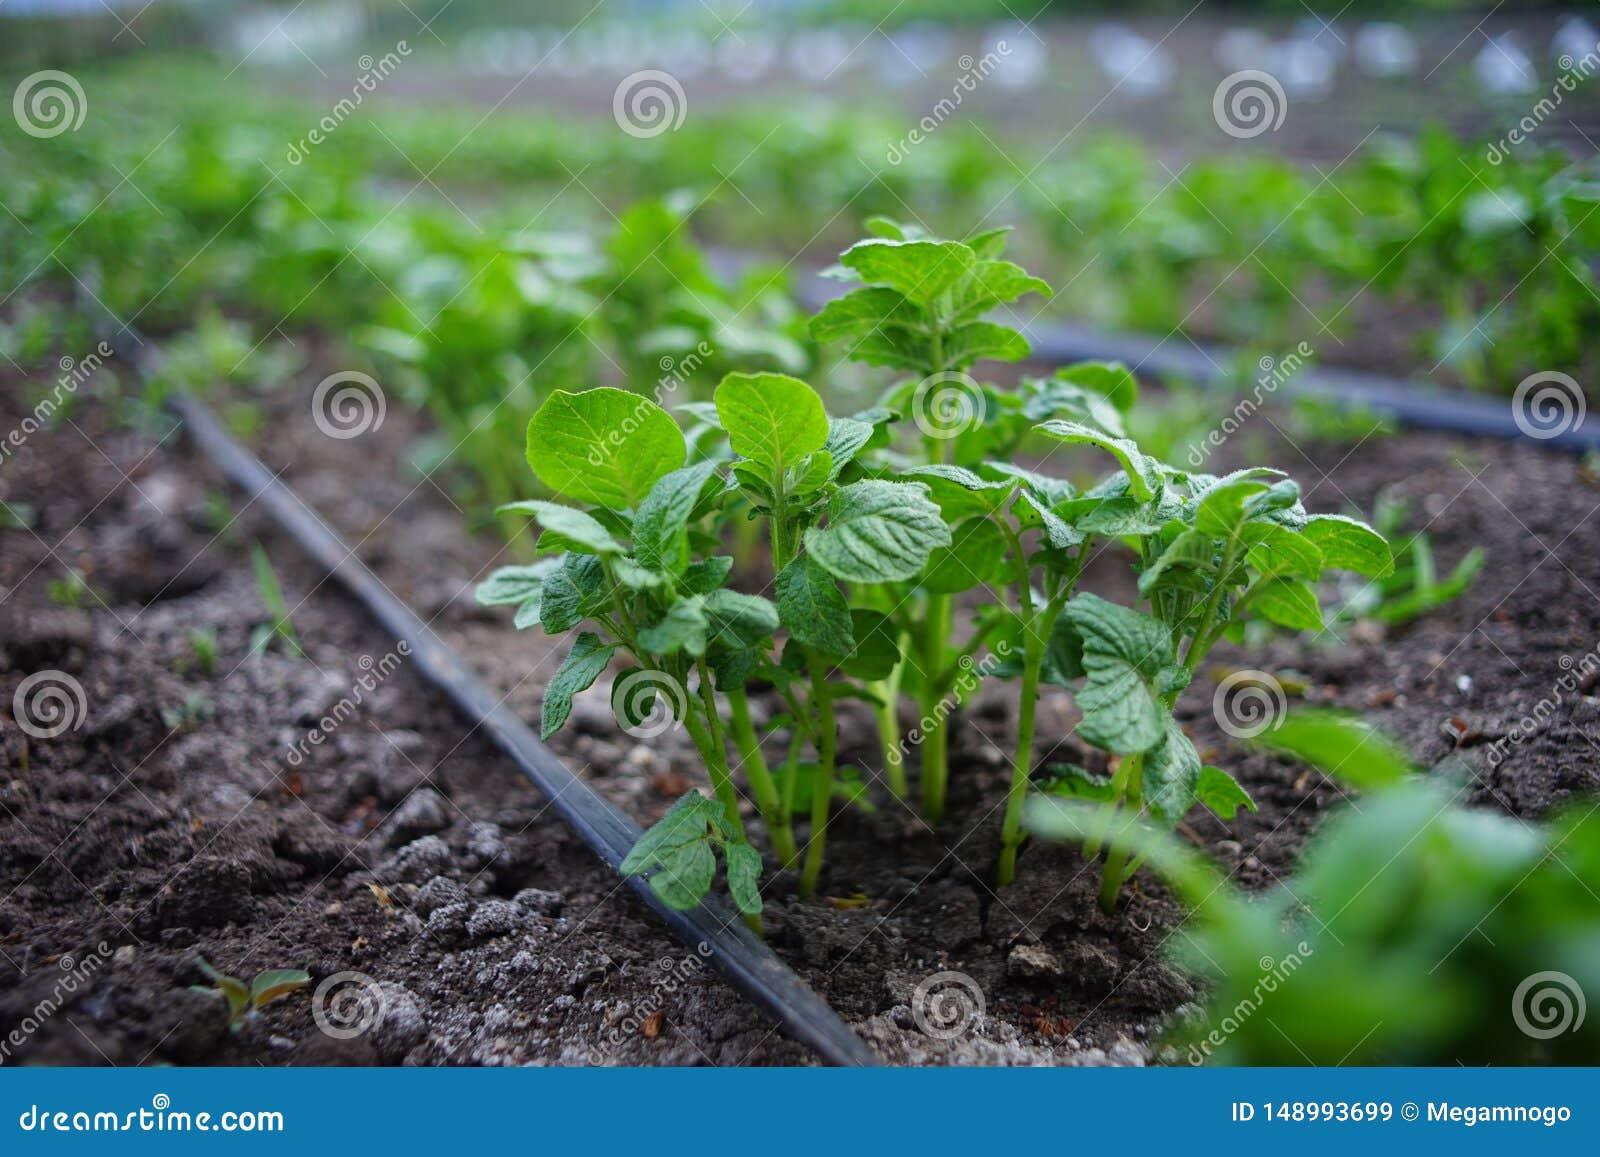 Piantine dei cespugli delle patate nel giardino Tubo flessibile di irrigazione fra le file delle verdure